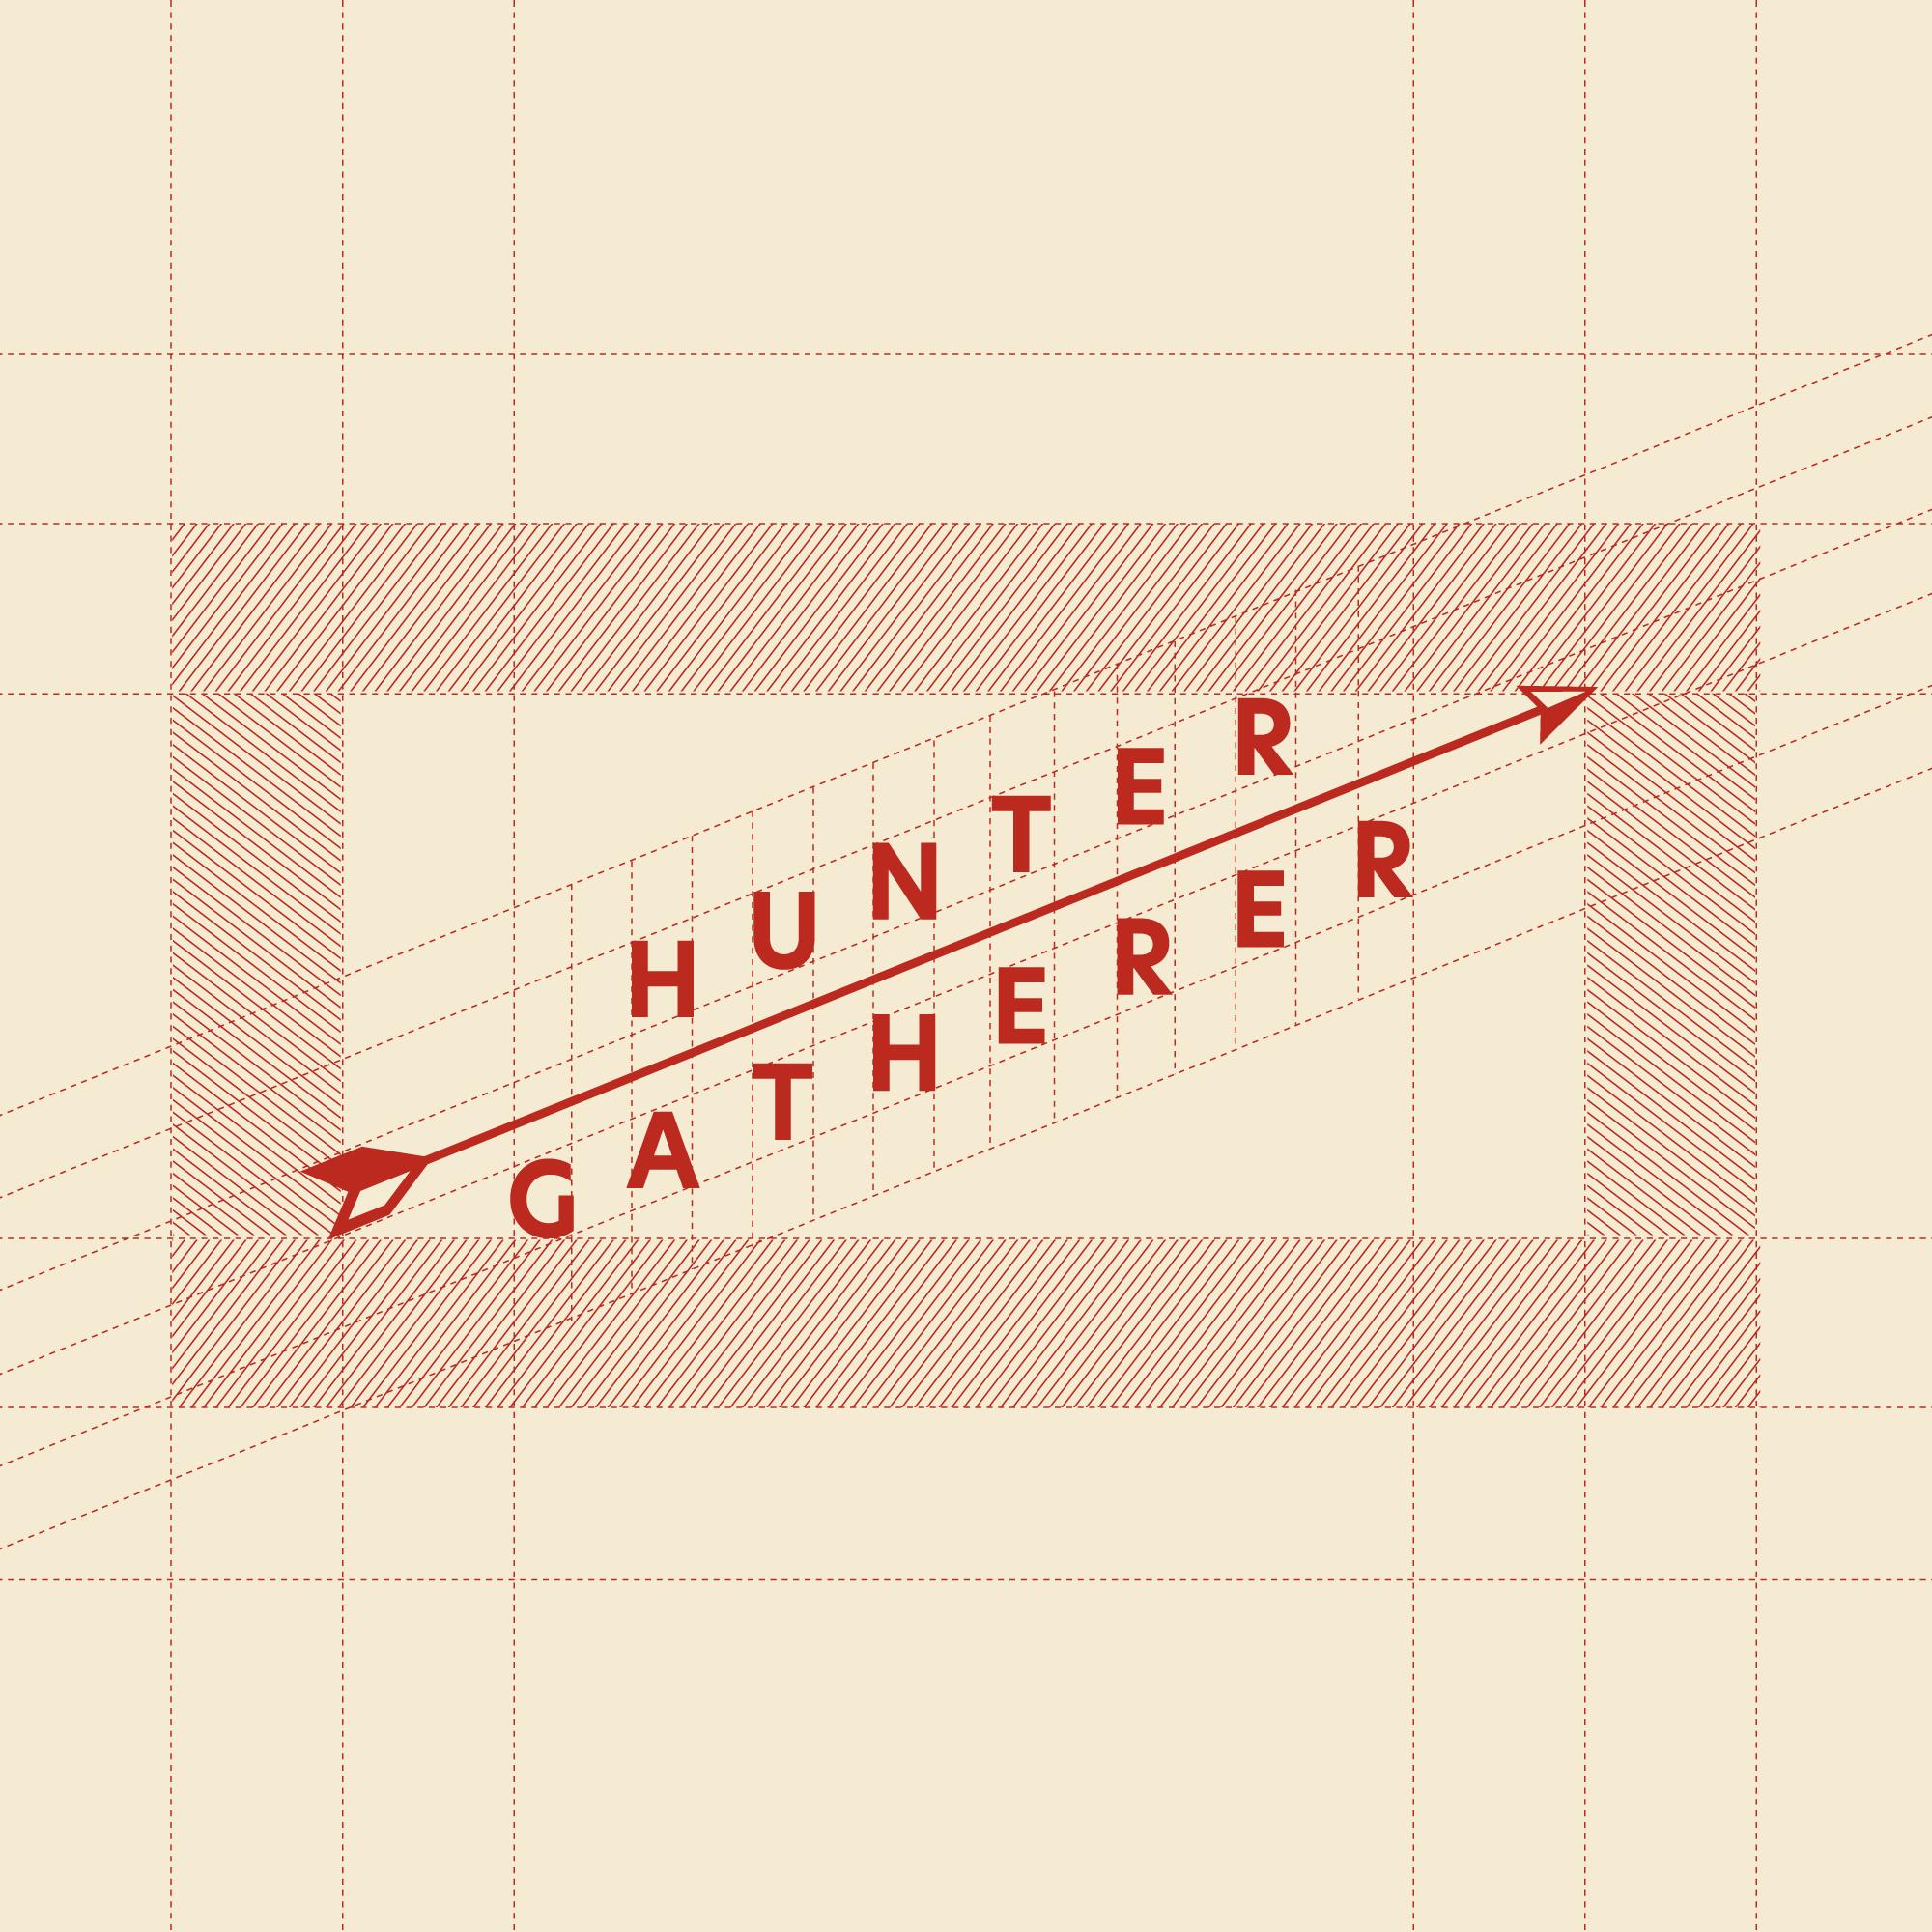 Hunter Gatherer Logotype Grid